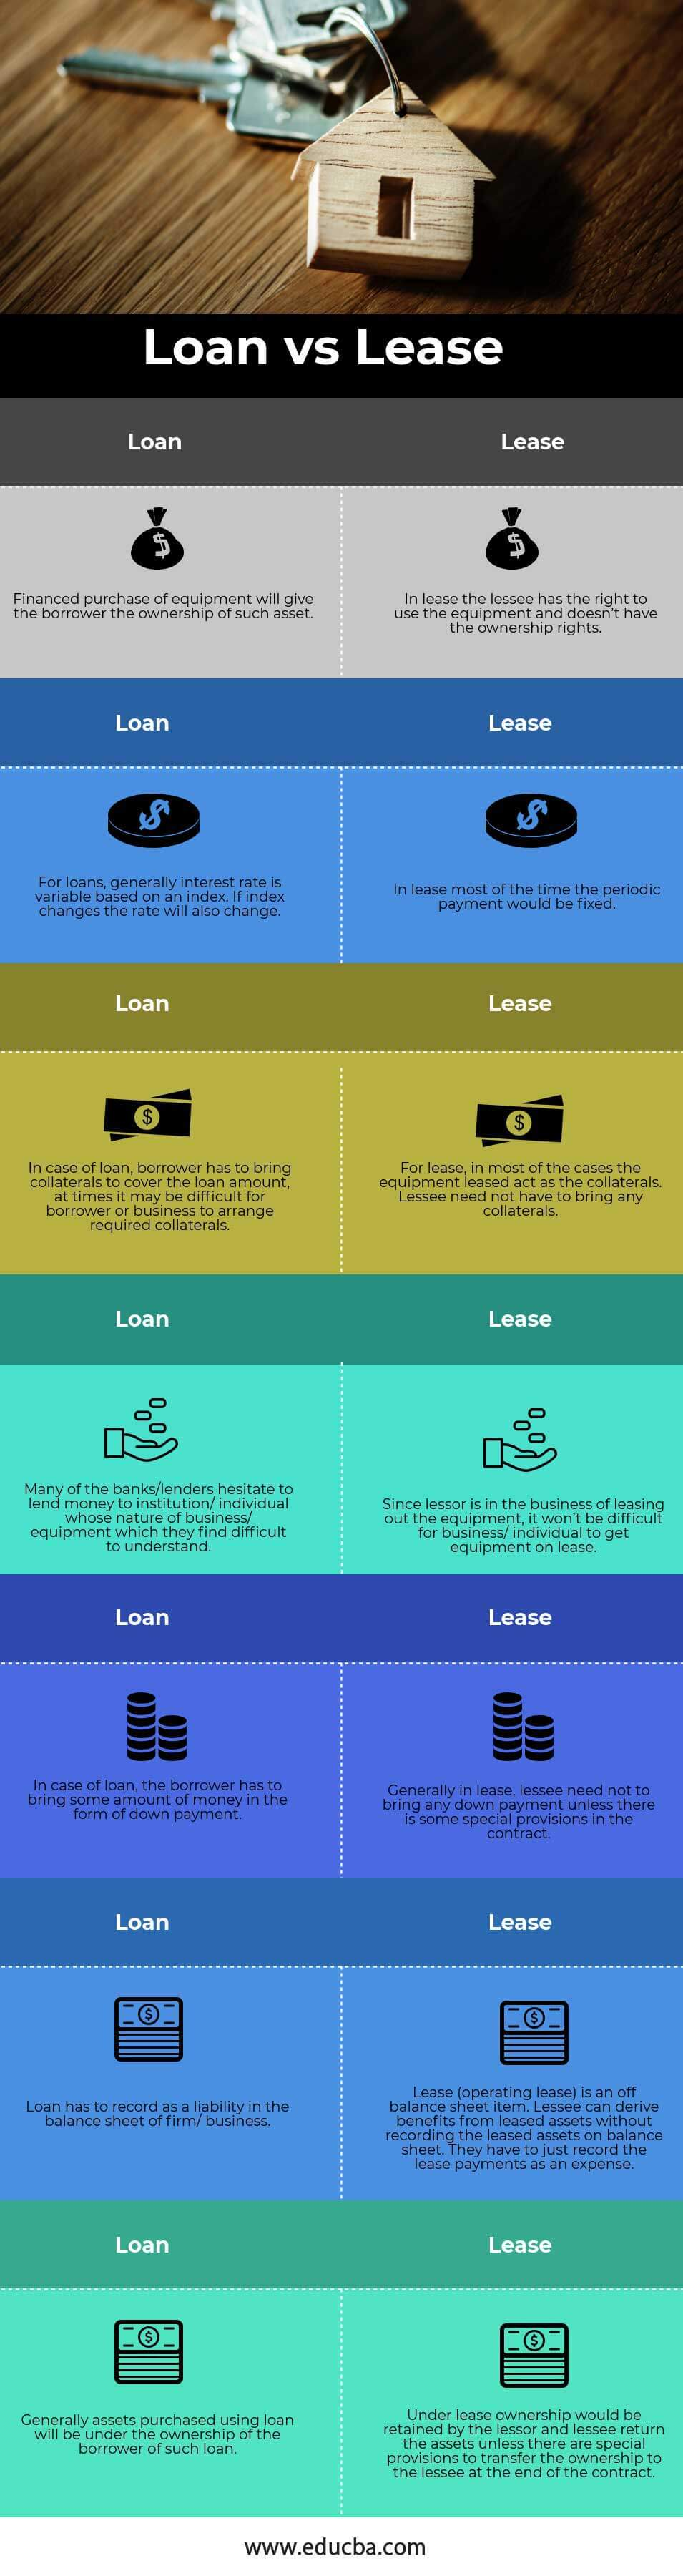 Loan vs Lease info